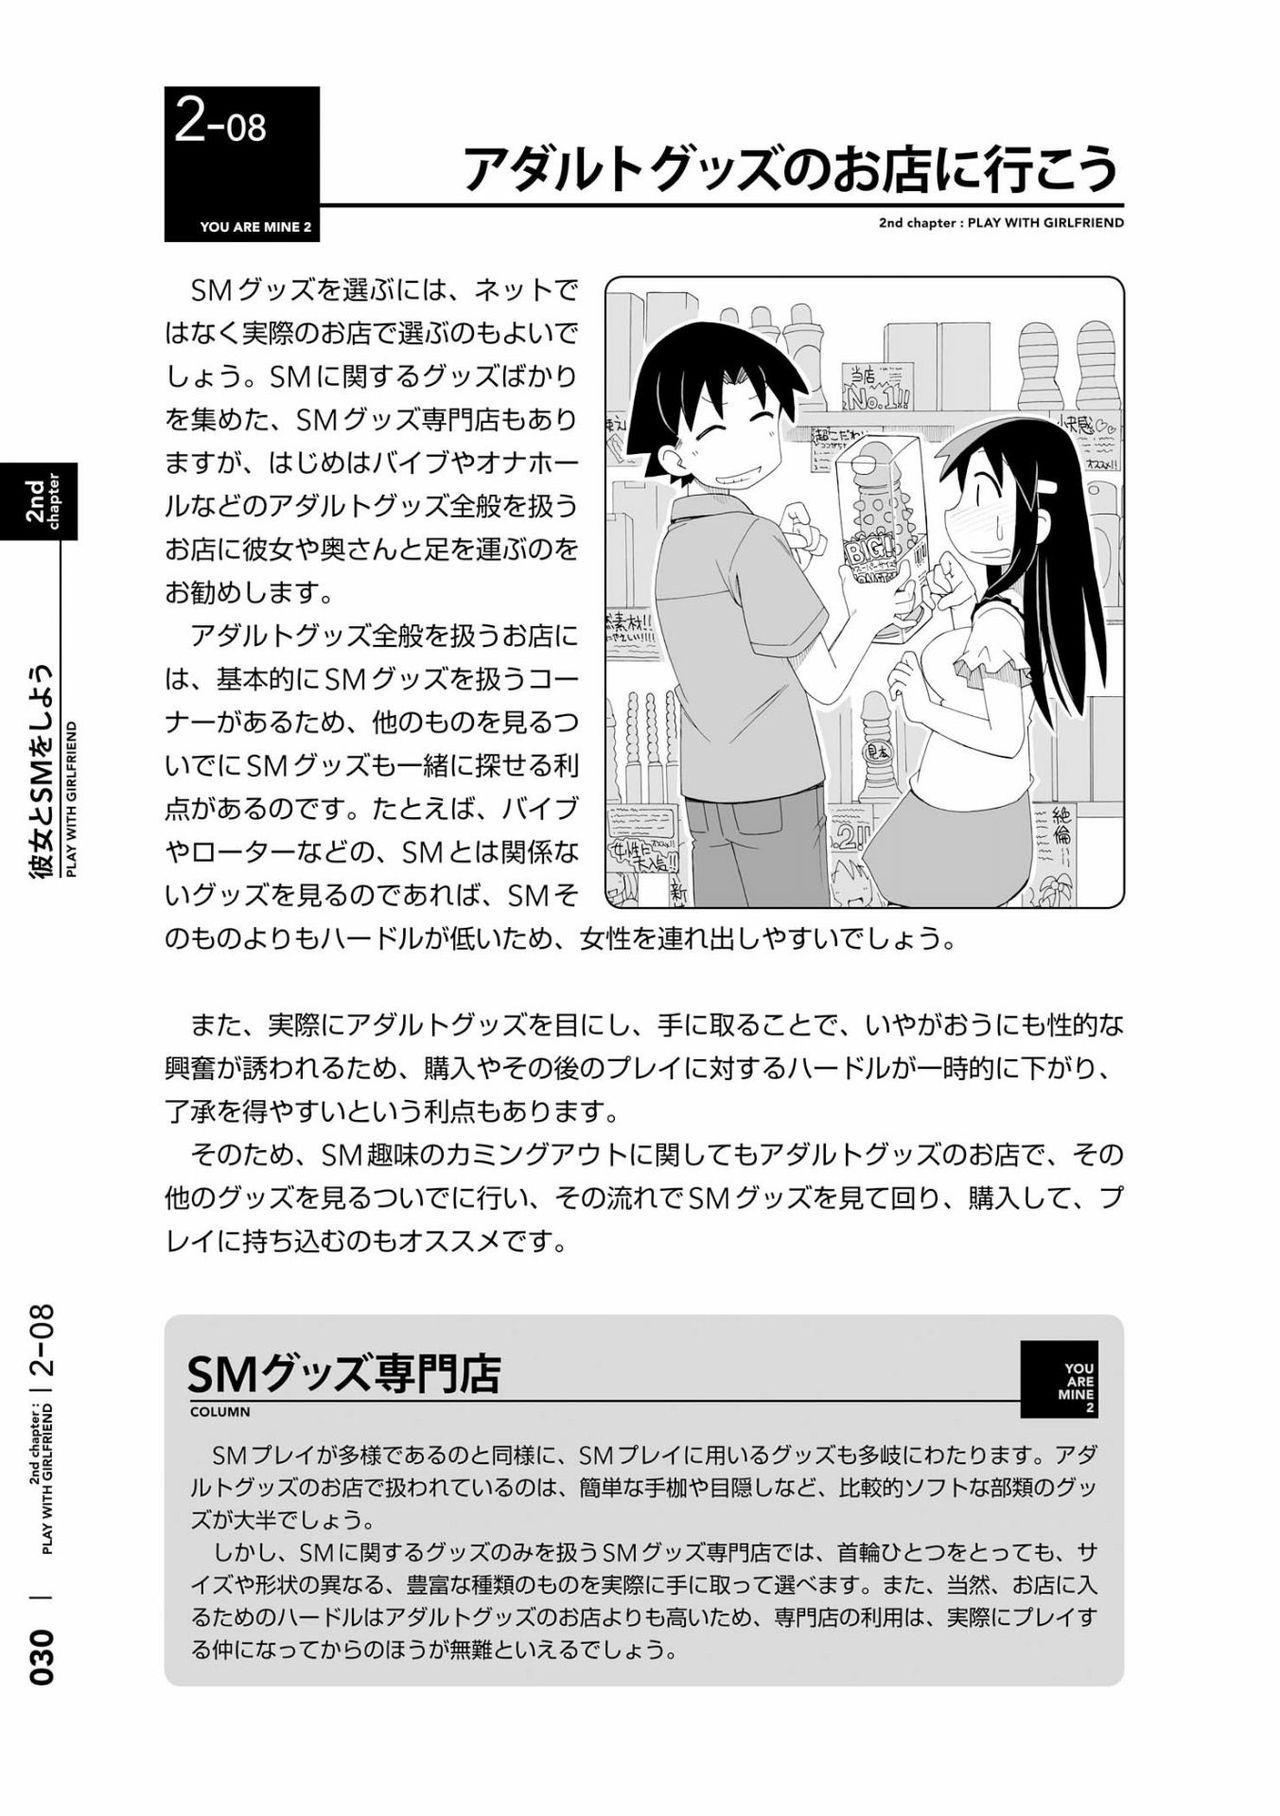 [Mitsuba] Karada mo Kokoro mo Boku no Mono ~Hajimete no SM Guide~ 2 [Digital] 32